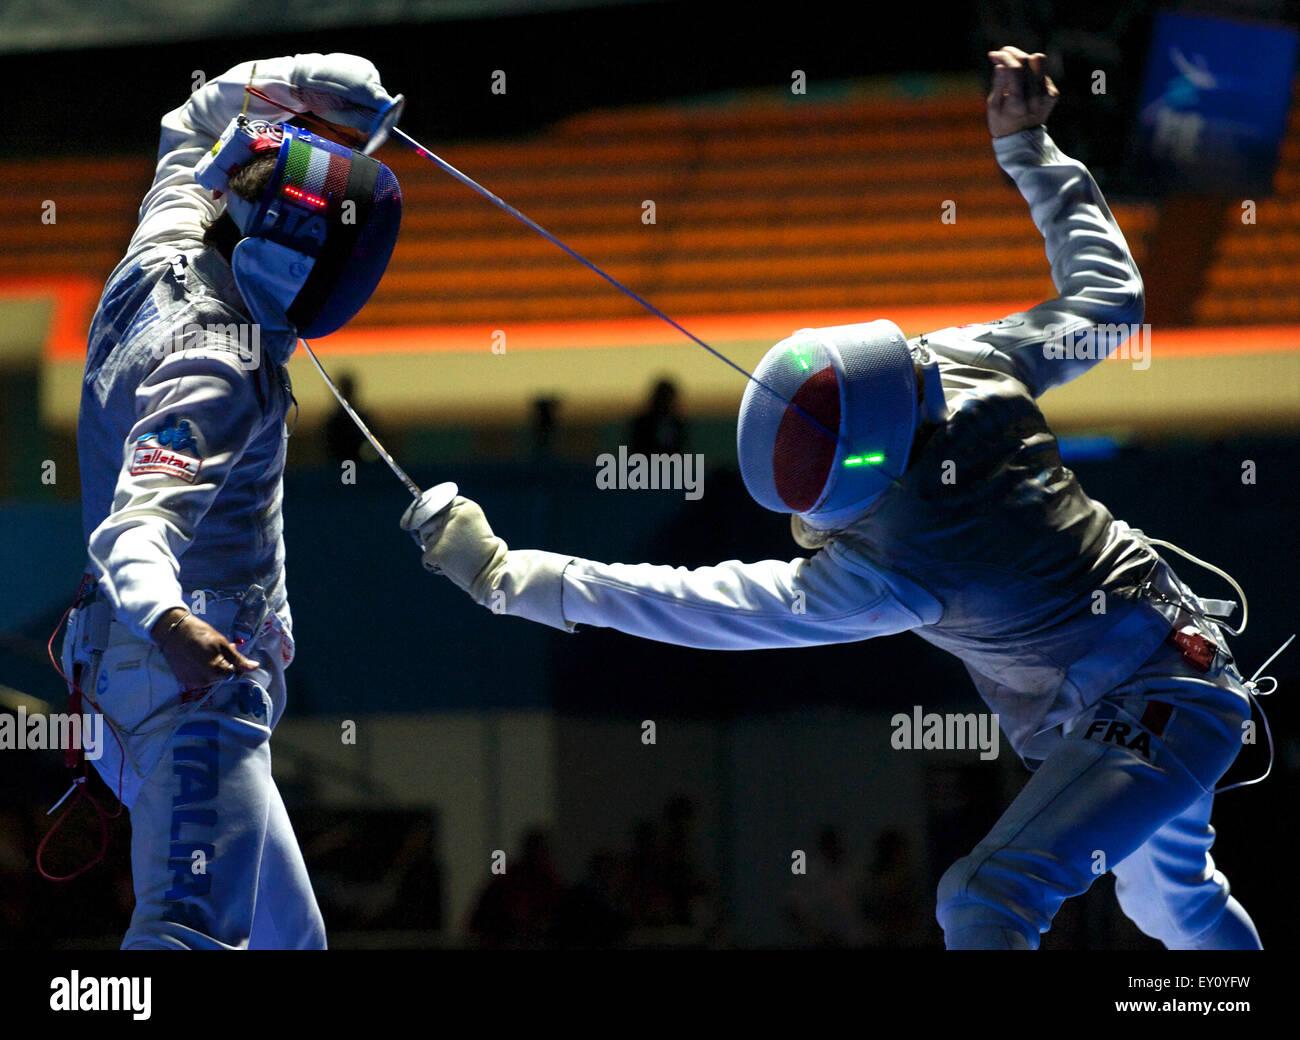 Moskau, Russland. 19. Juli 2015. BALDINI Andrea Italia und CADOT Jeremy von Frankreich konkurrieren während Stockbild